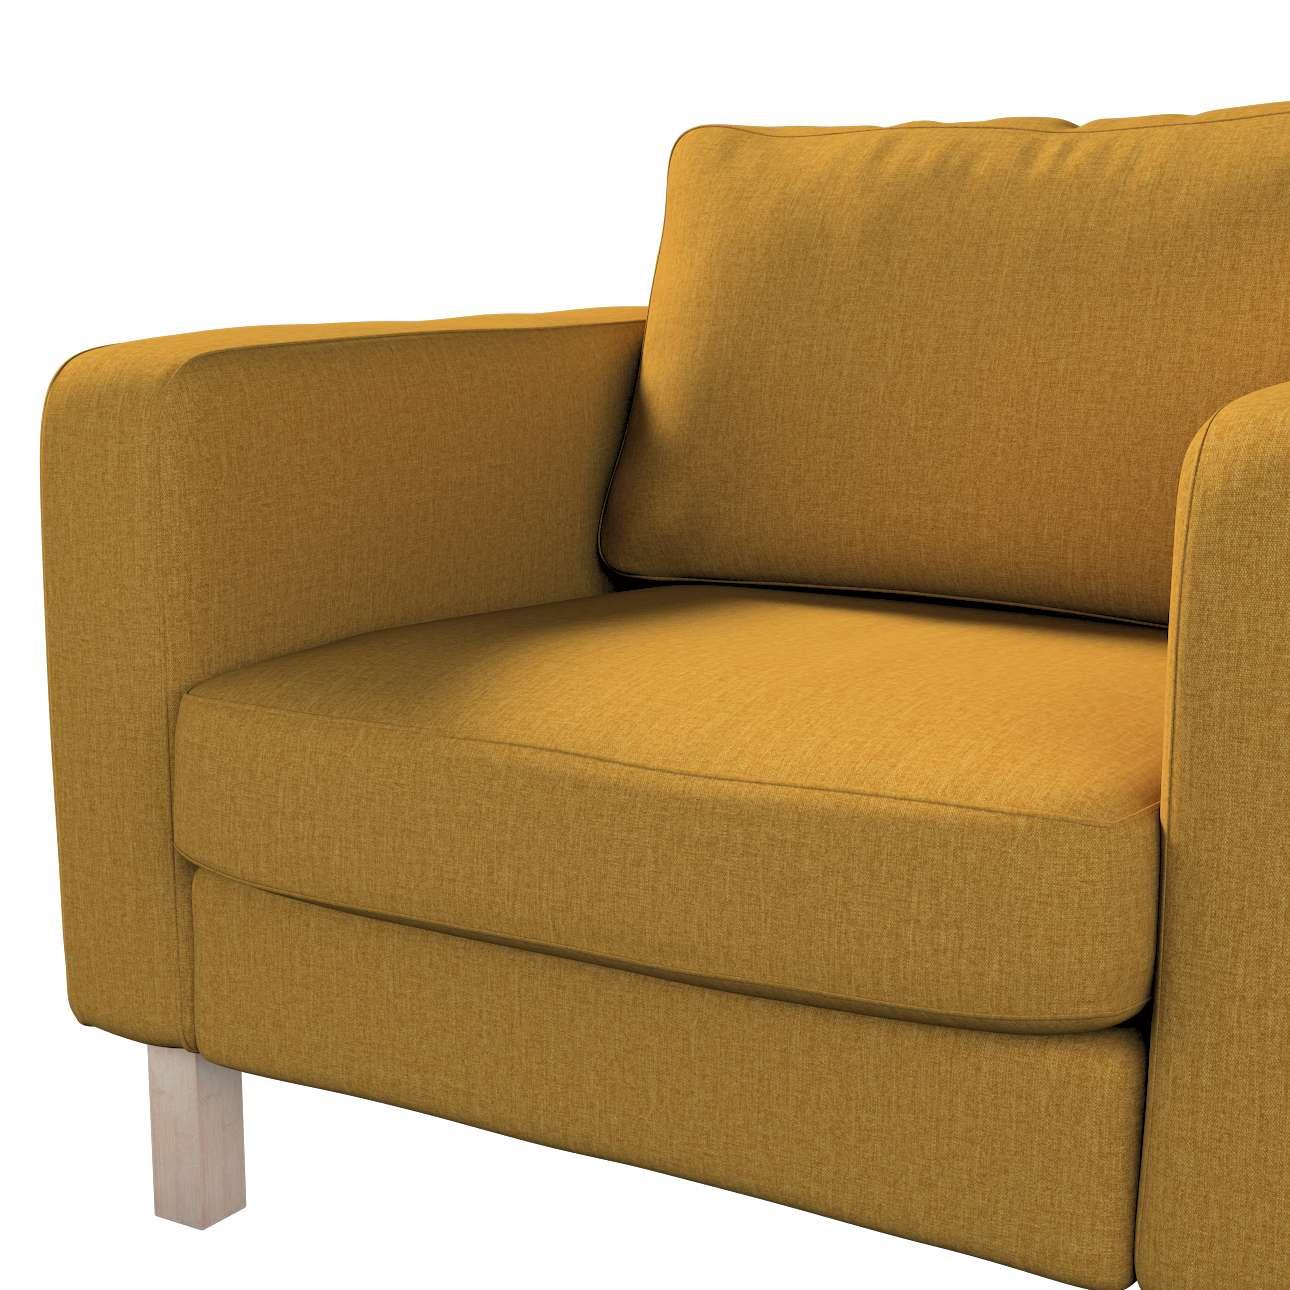 Pokrowiec na fotel Karlstad, krótki w kolekcji City, tkanina: 704-82